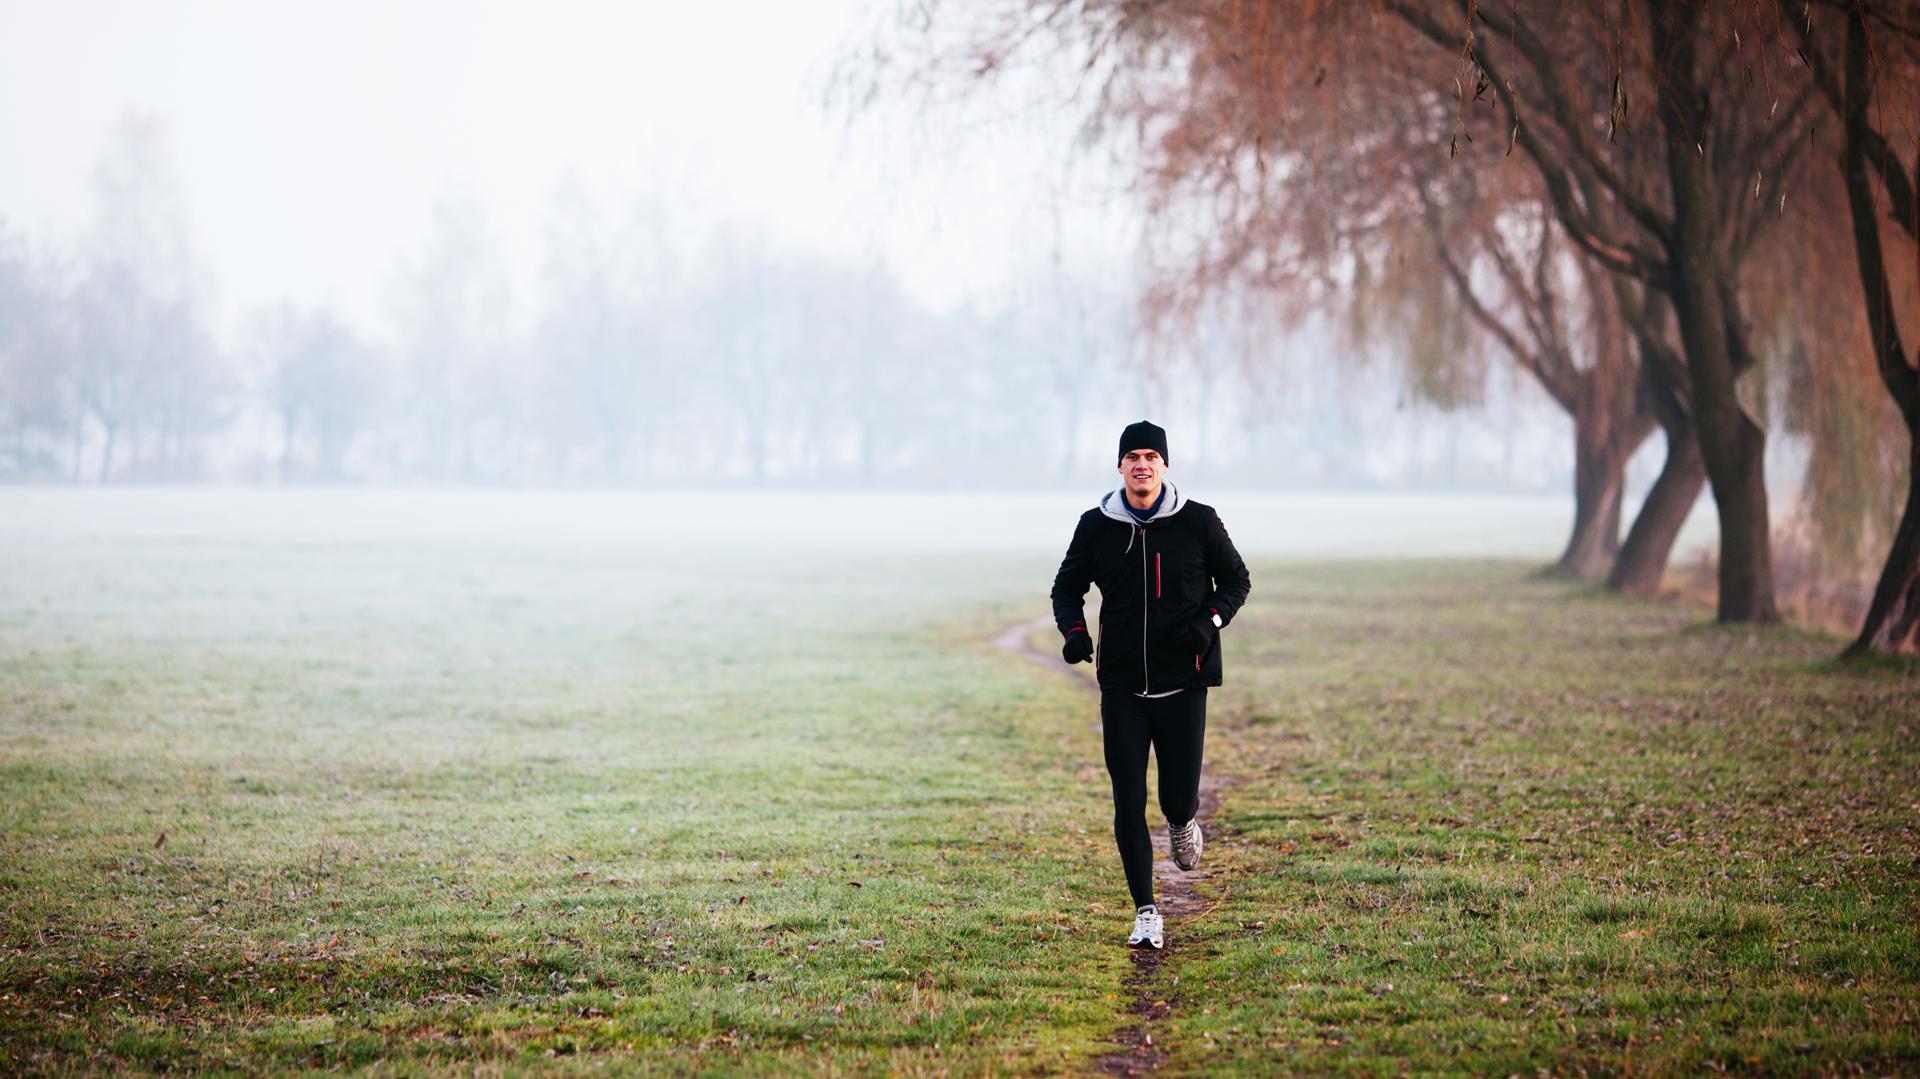 Muchos salen a correr sin importarle el clima ni el momento del día (iStock)